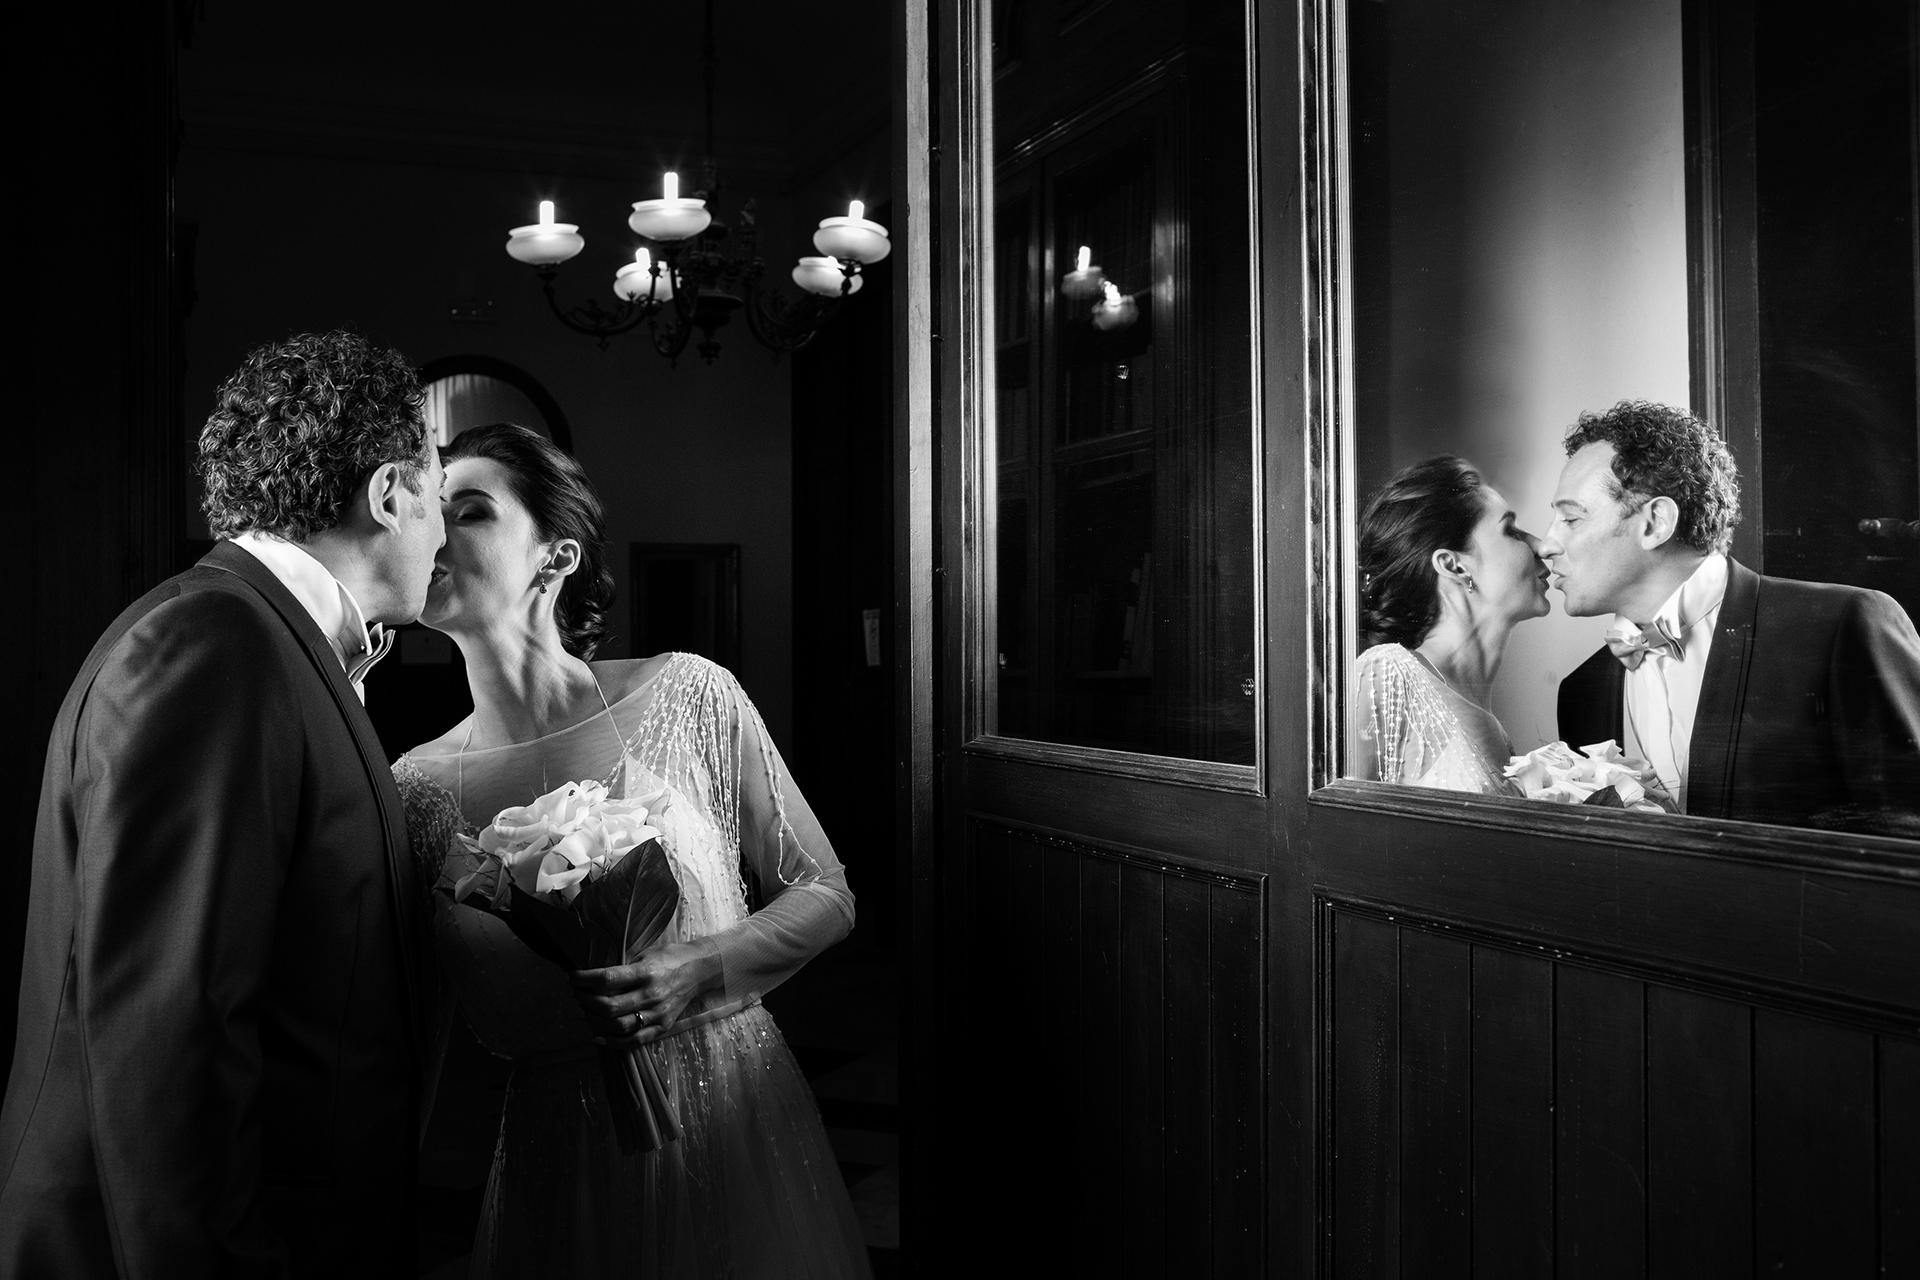 Trapani, Sicilië, Italië Elopement Trouwfoto's | Het pasgetrouwde stel steelt een kus na hun kleine, intieme huwelijksceremonie in het gemeentehuis